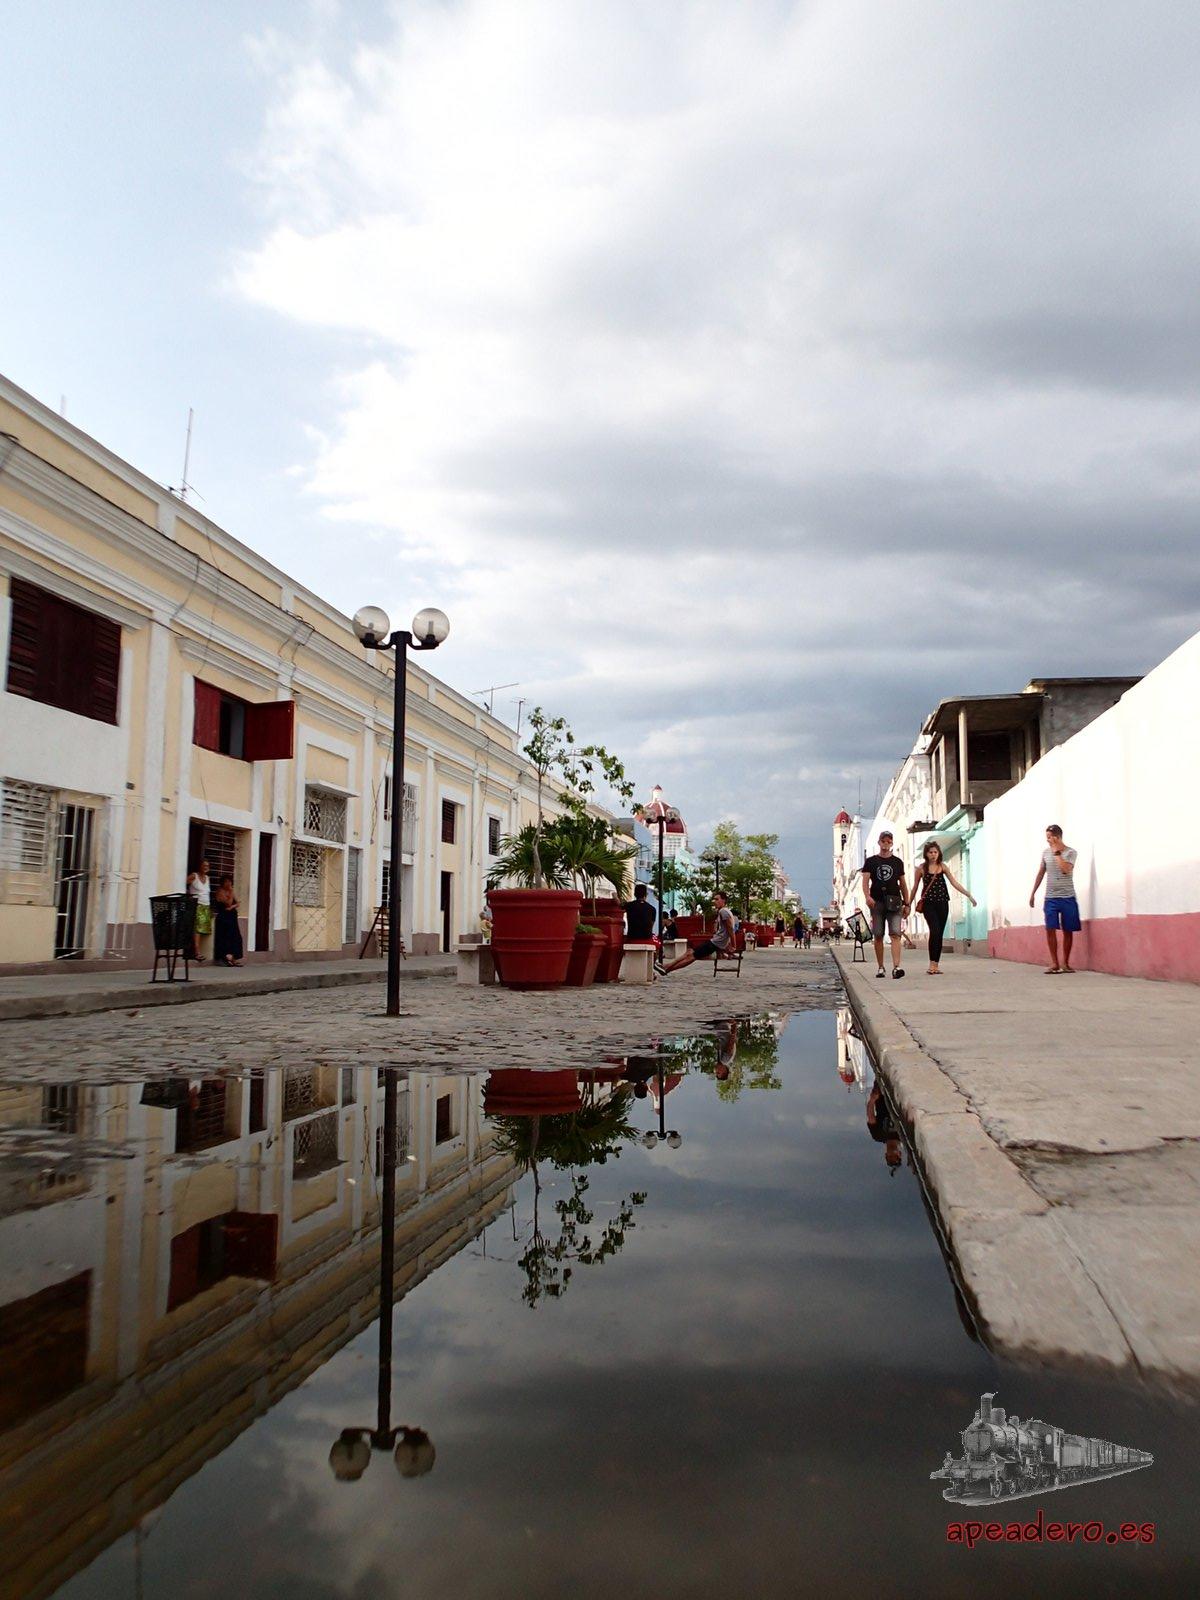 Las calles de Cienfuegos son tranquilas y relajadas.